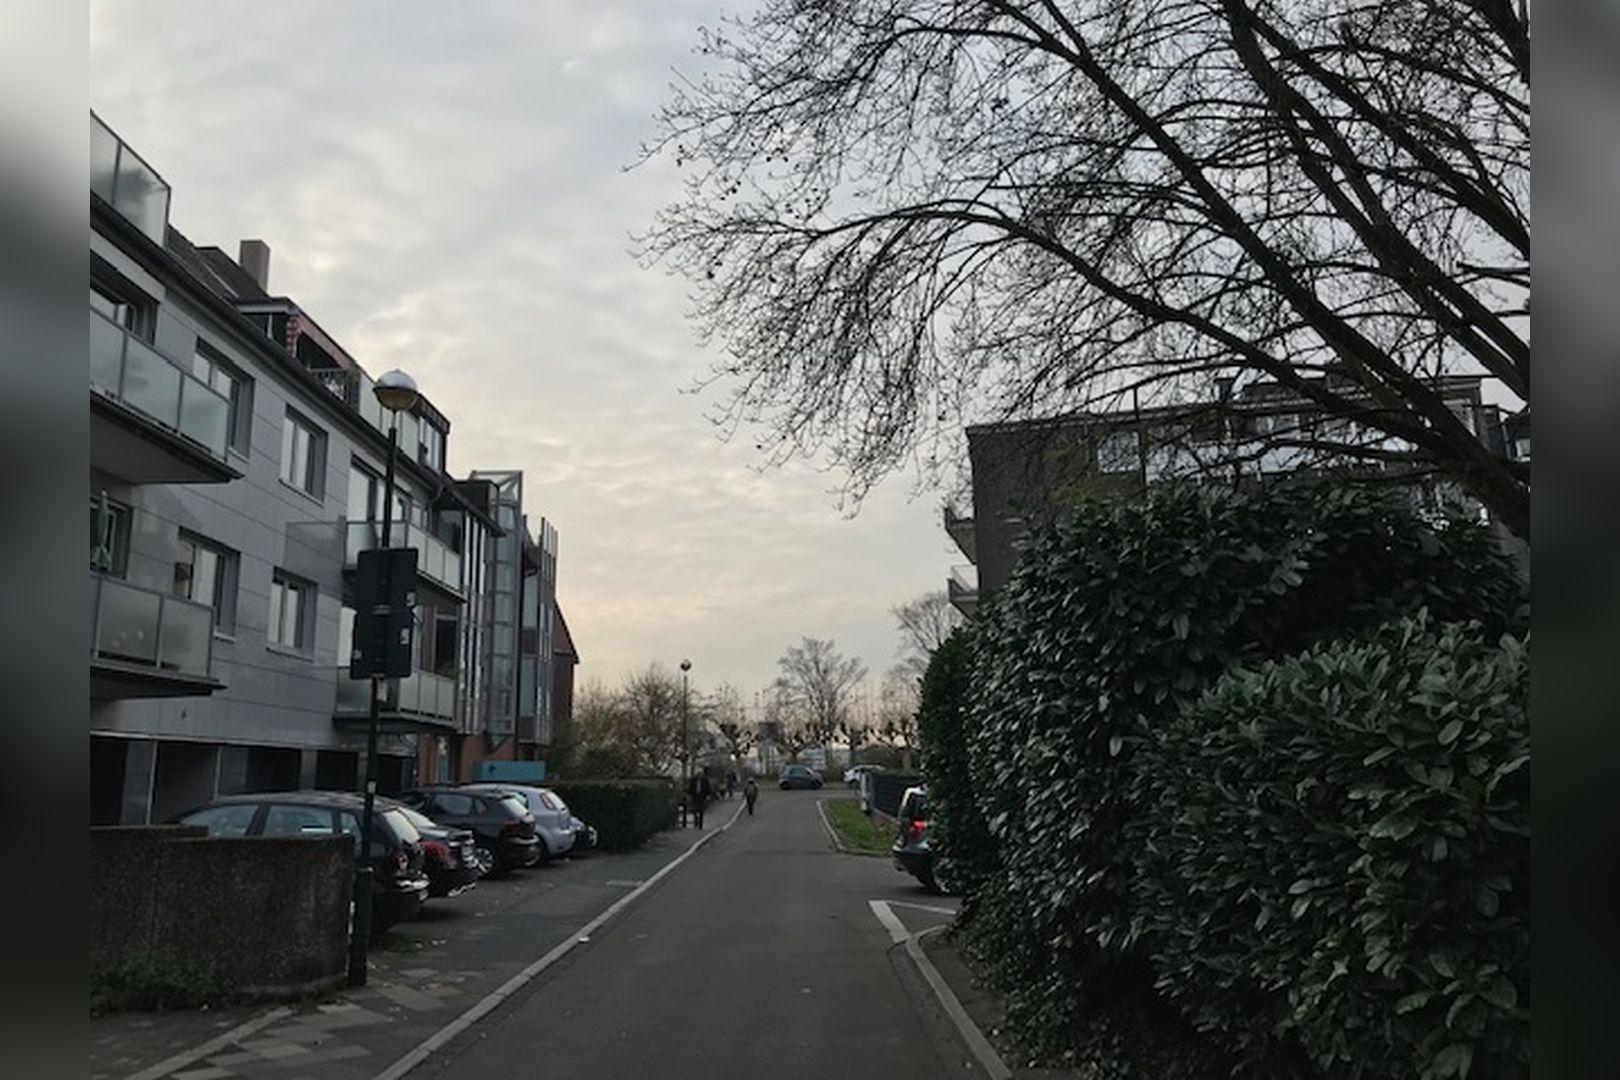 Immobilie Nr.0244 - Einraum-Appartement in Rheinnähe, Wodanstraße - Bild 4.jpg